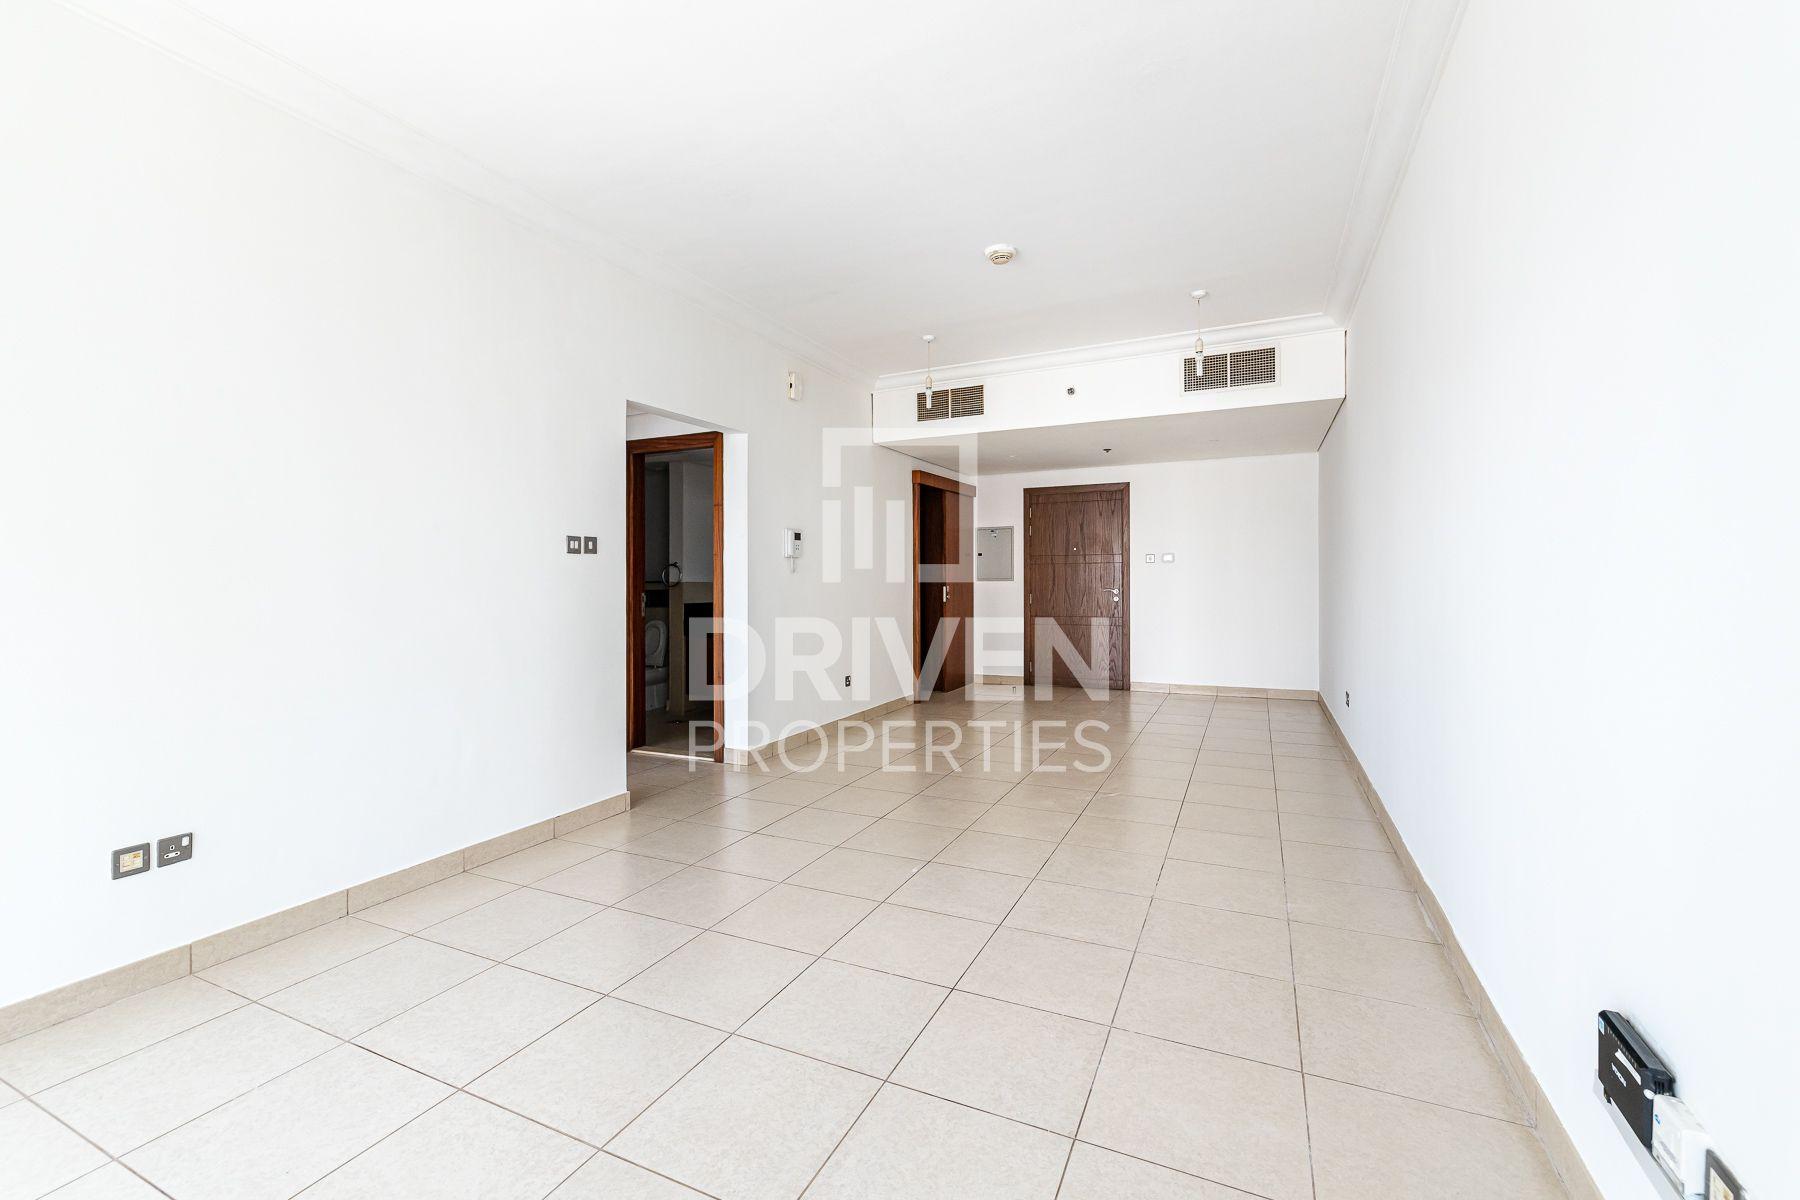 865 قدم مربع  شقة - للايجار - دبي وسط المدينة